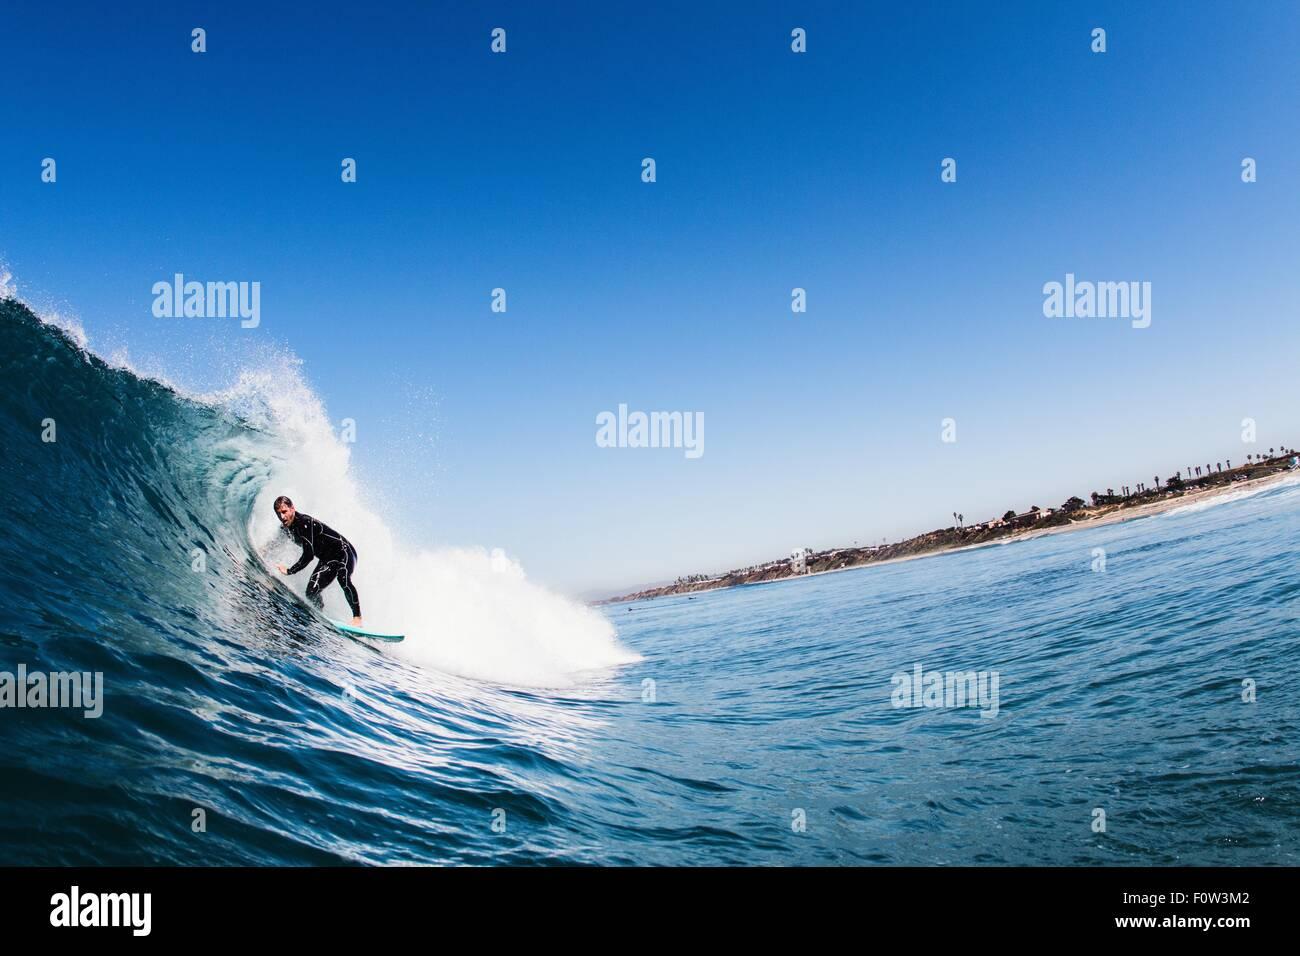 Metà maschio adulto surfer surf onda curvo, Carlsbad, California, Stati Uniti d'America Immagini Stock